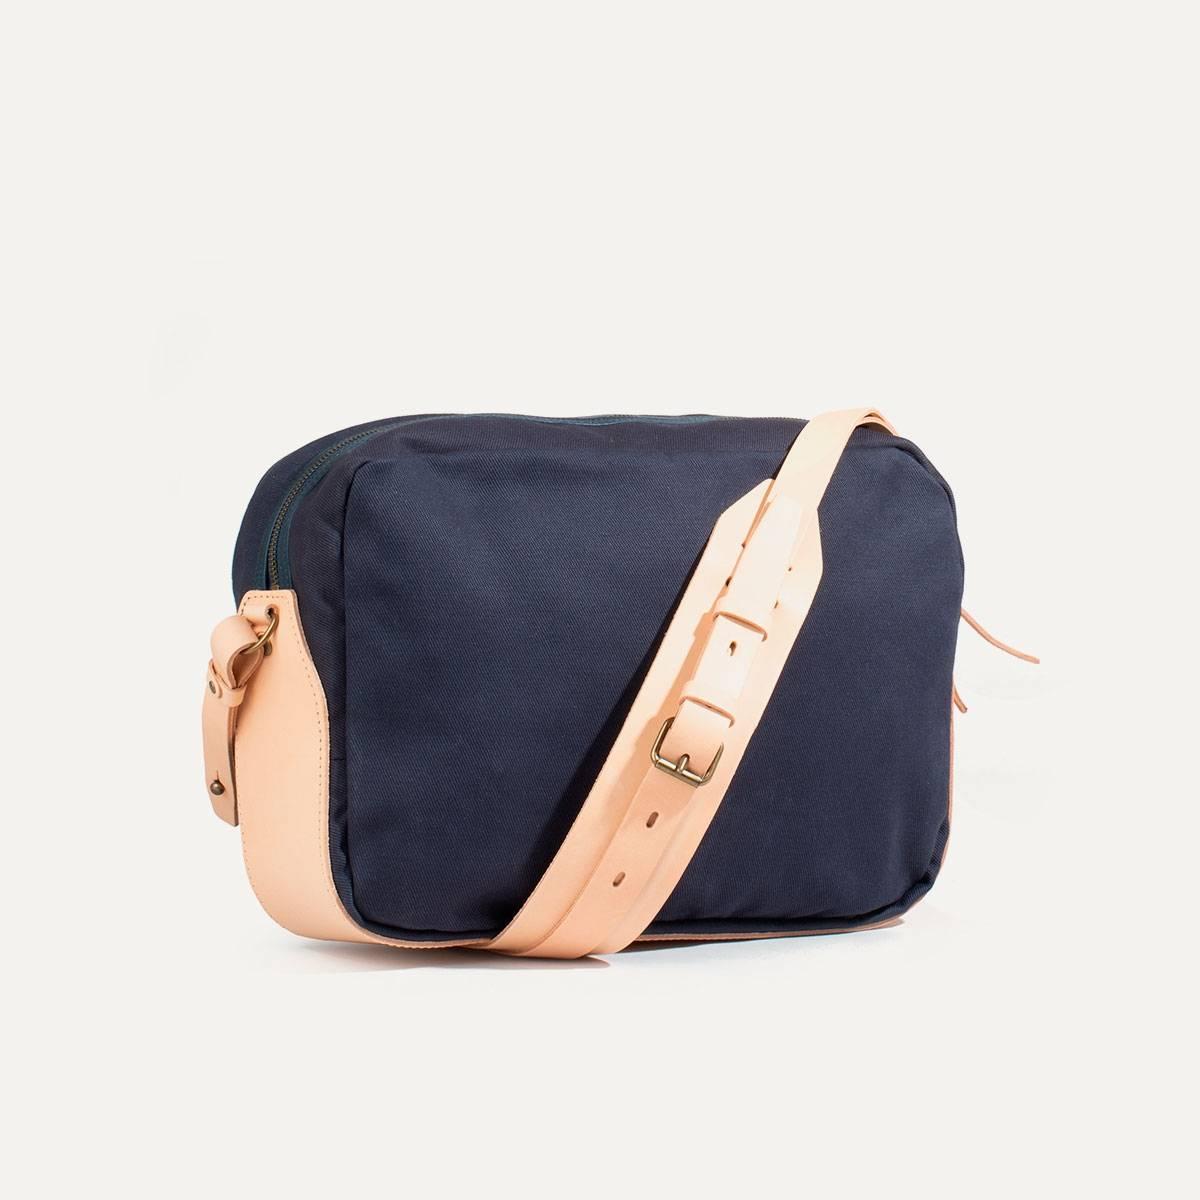 Uzu Belt bag - Navy blue / Natural (image n°3)